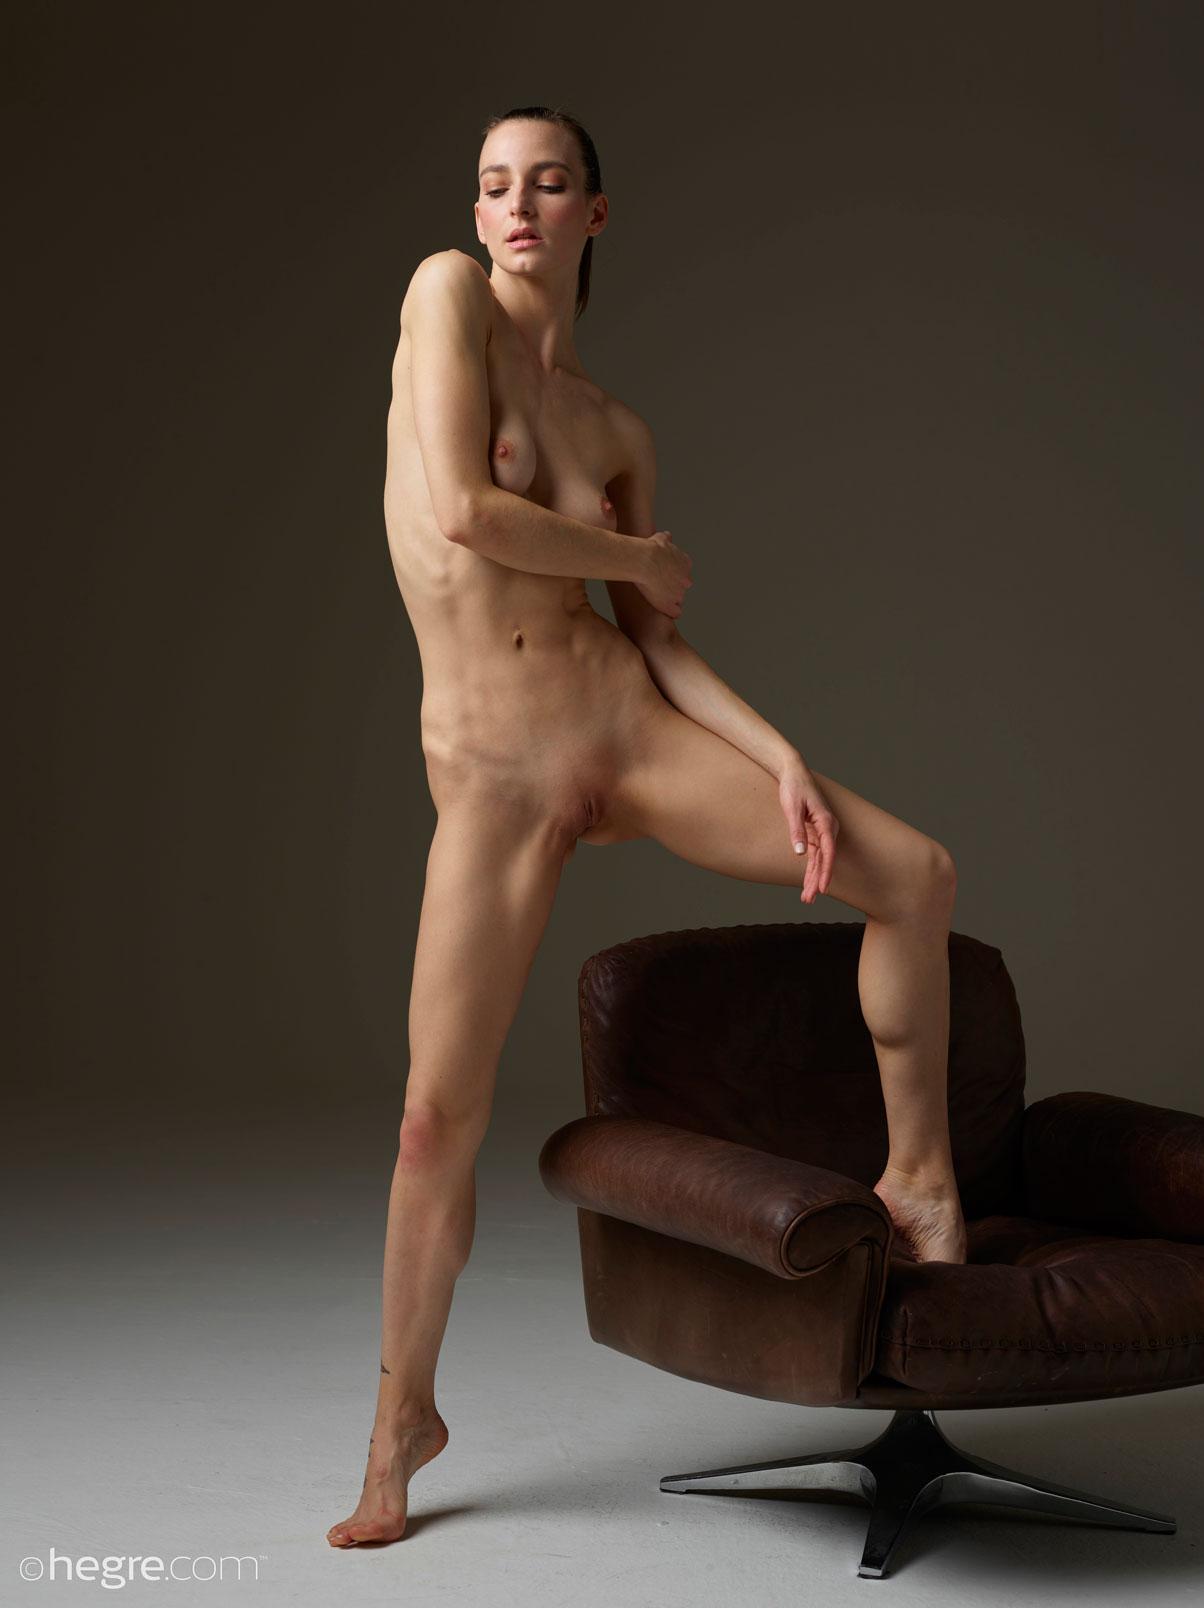 Slut nude gym brunette